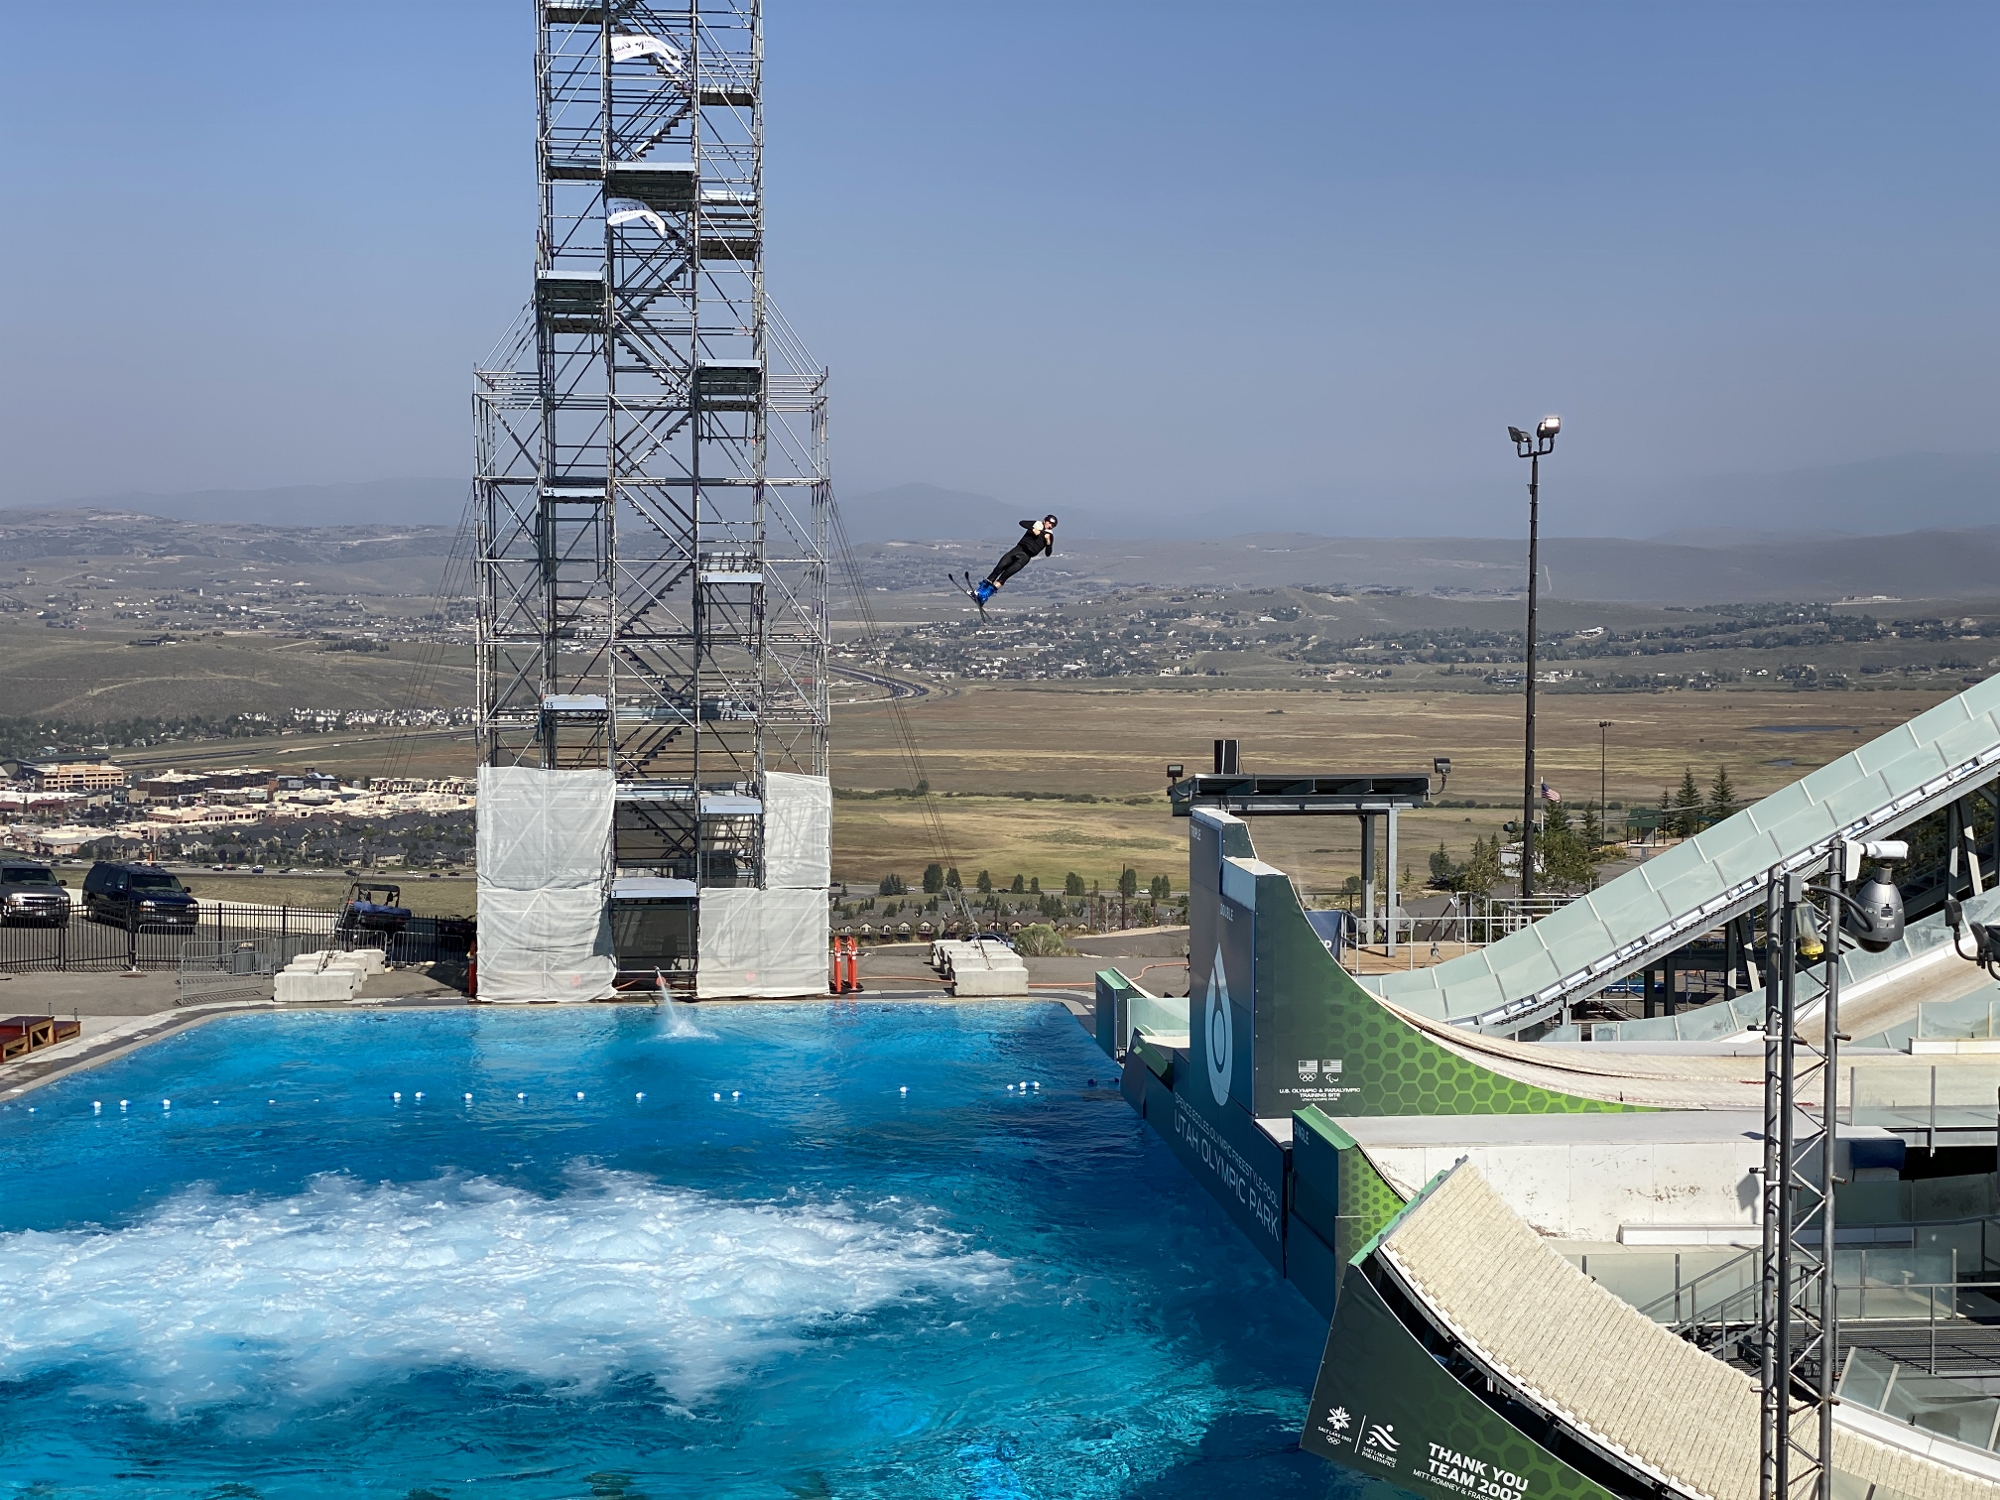 Olympic Ski Jump Practice in Park City, UT